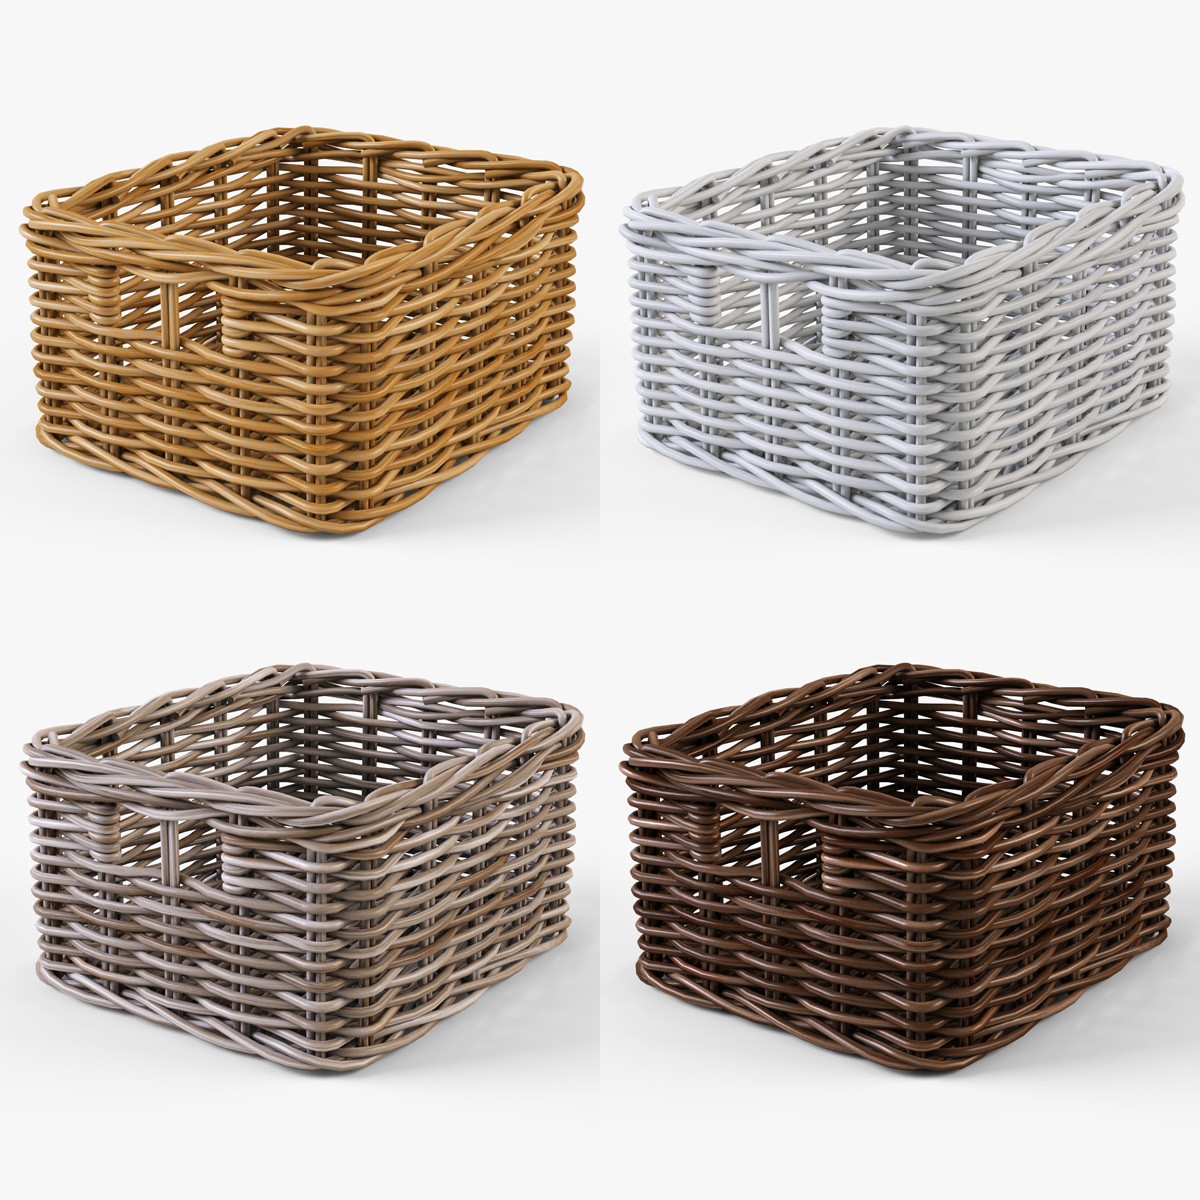 ikea wicker baskets 3d x wicker basket ikea byholma. Black Bedroom Furniture Sets. Home Design Ideas